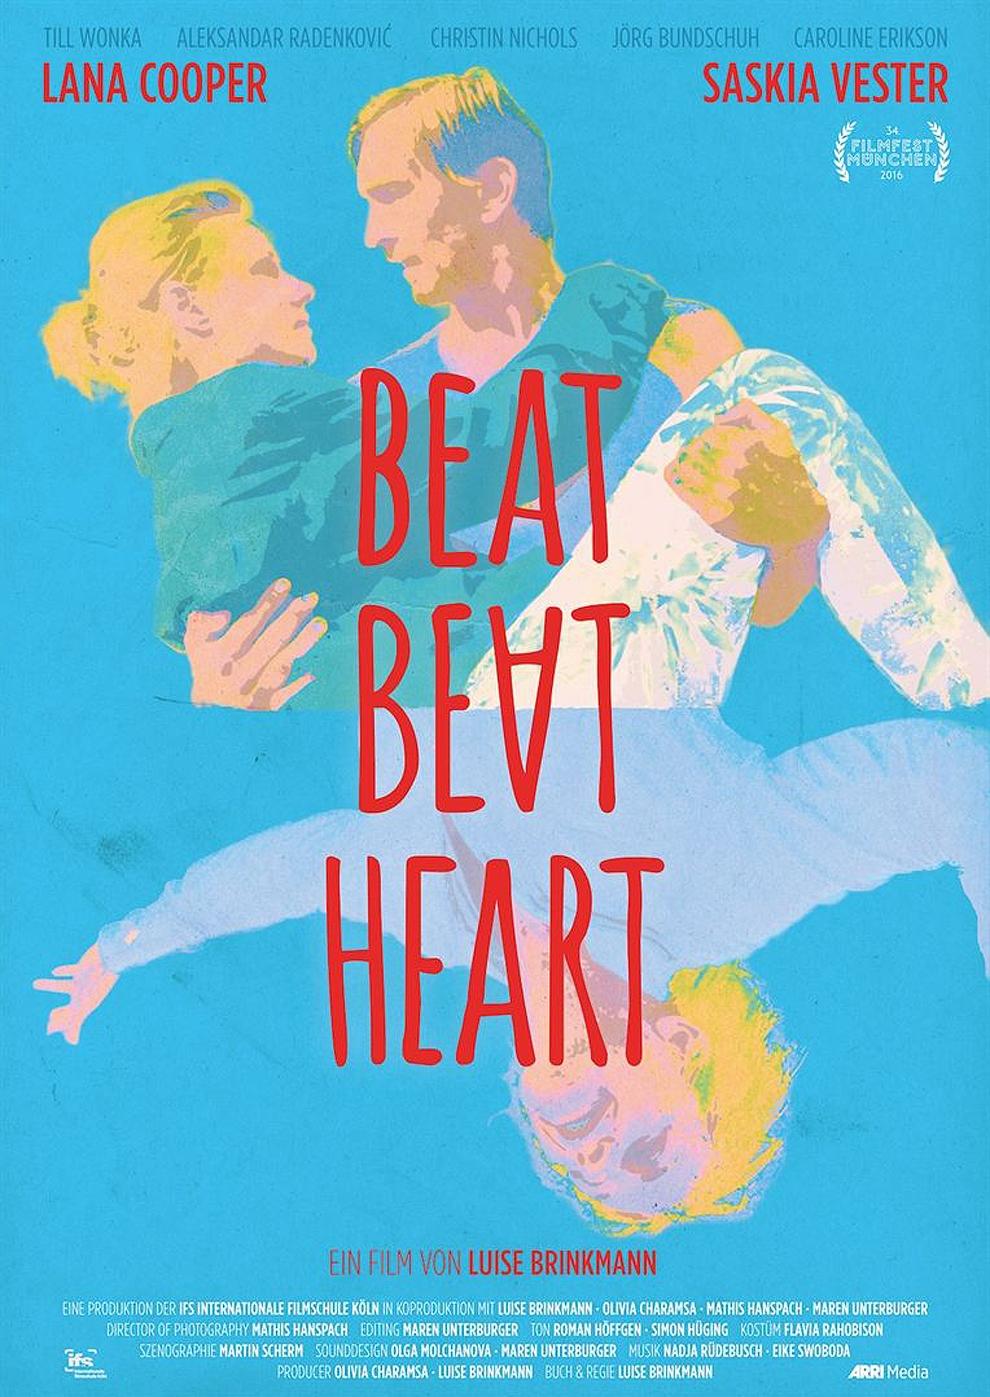 Beat Beat Heart (Poster)